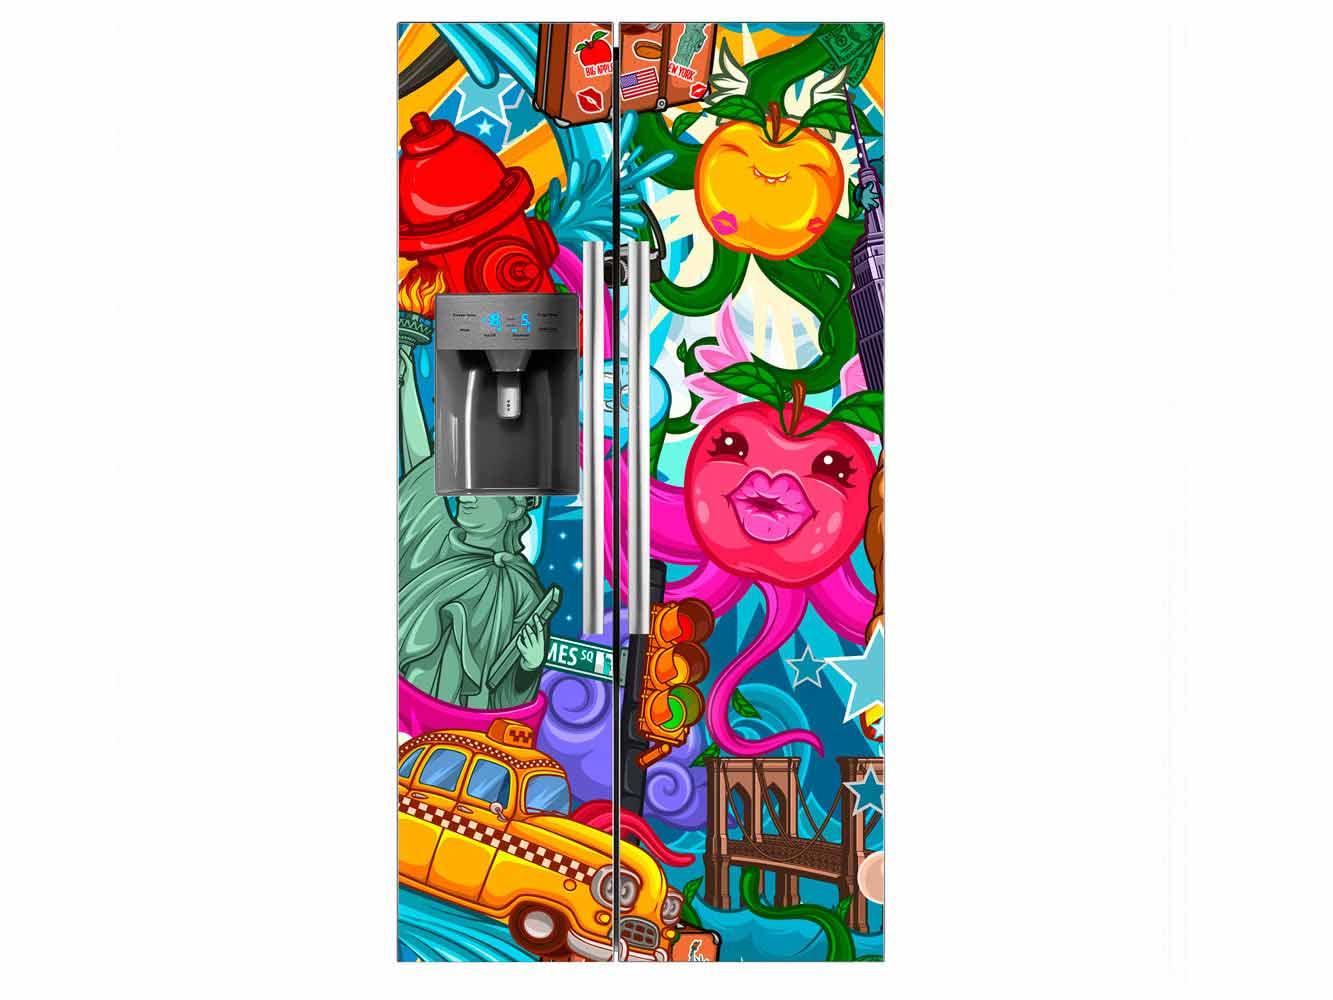 Vinilo Frigorífico Americano New York Animado | Carteles XXL - Impresión carteleria publicitaria